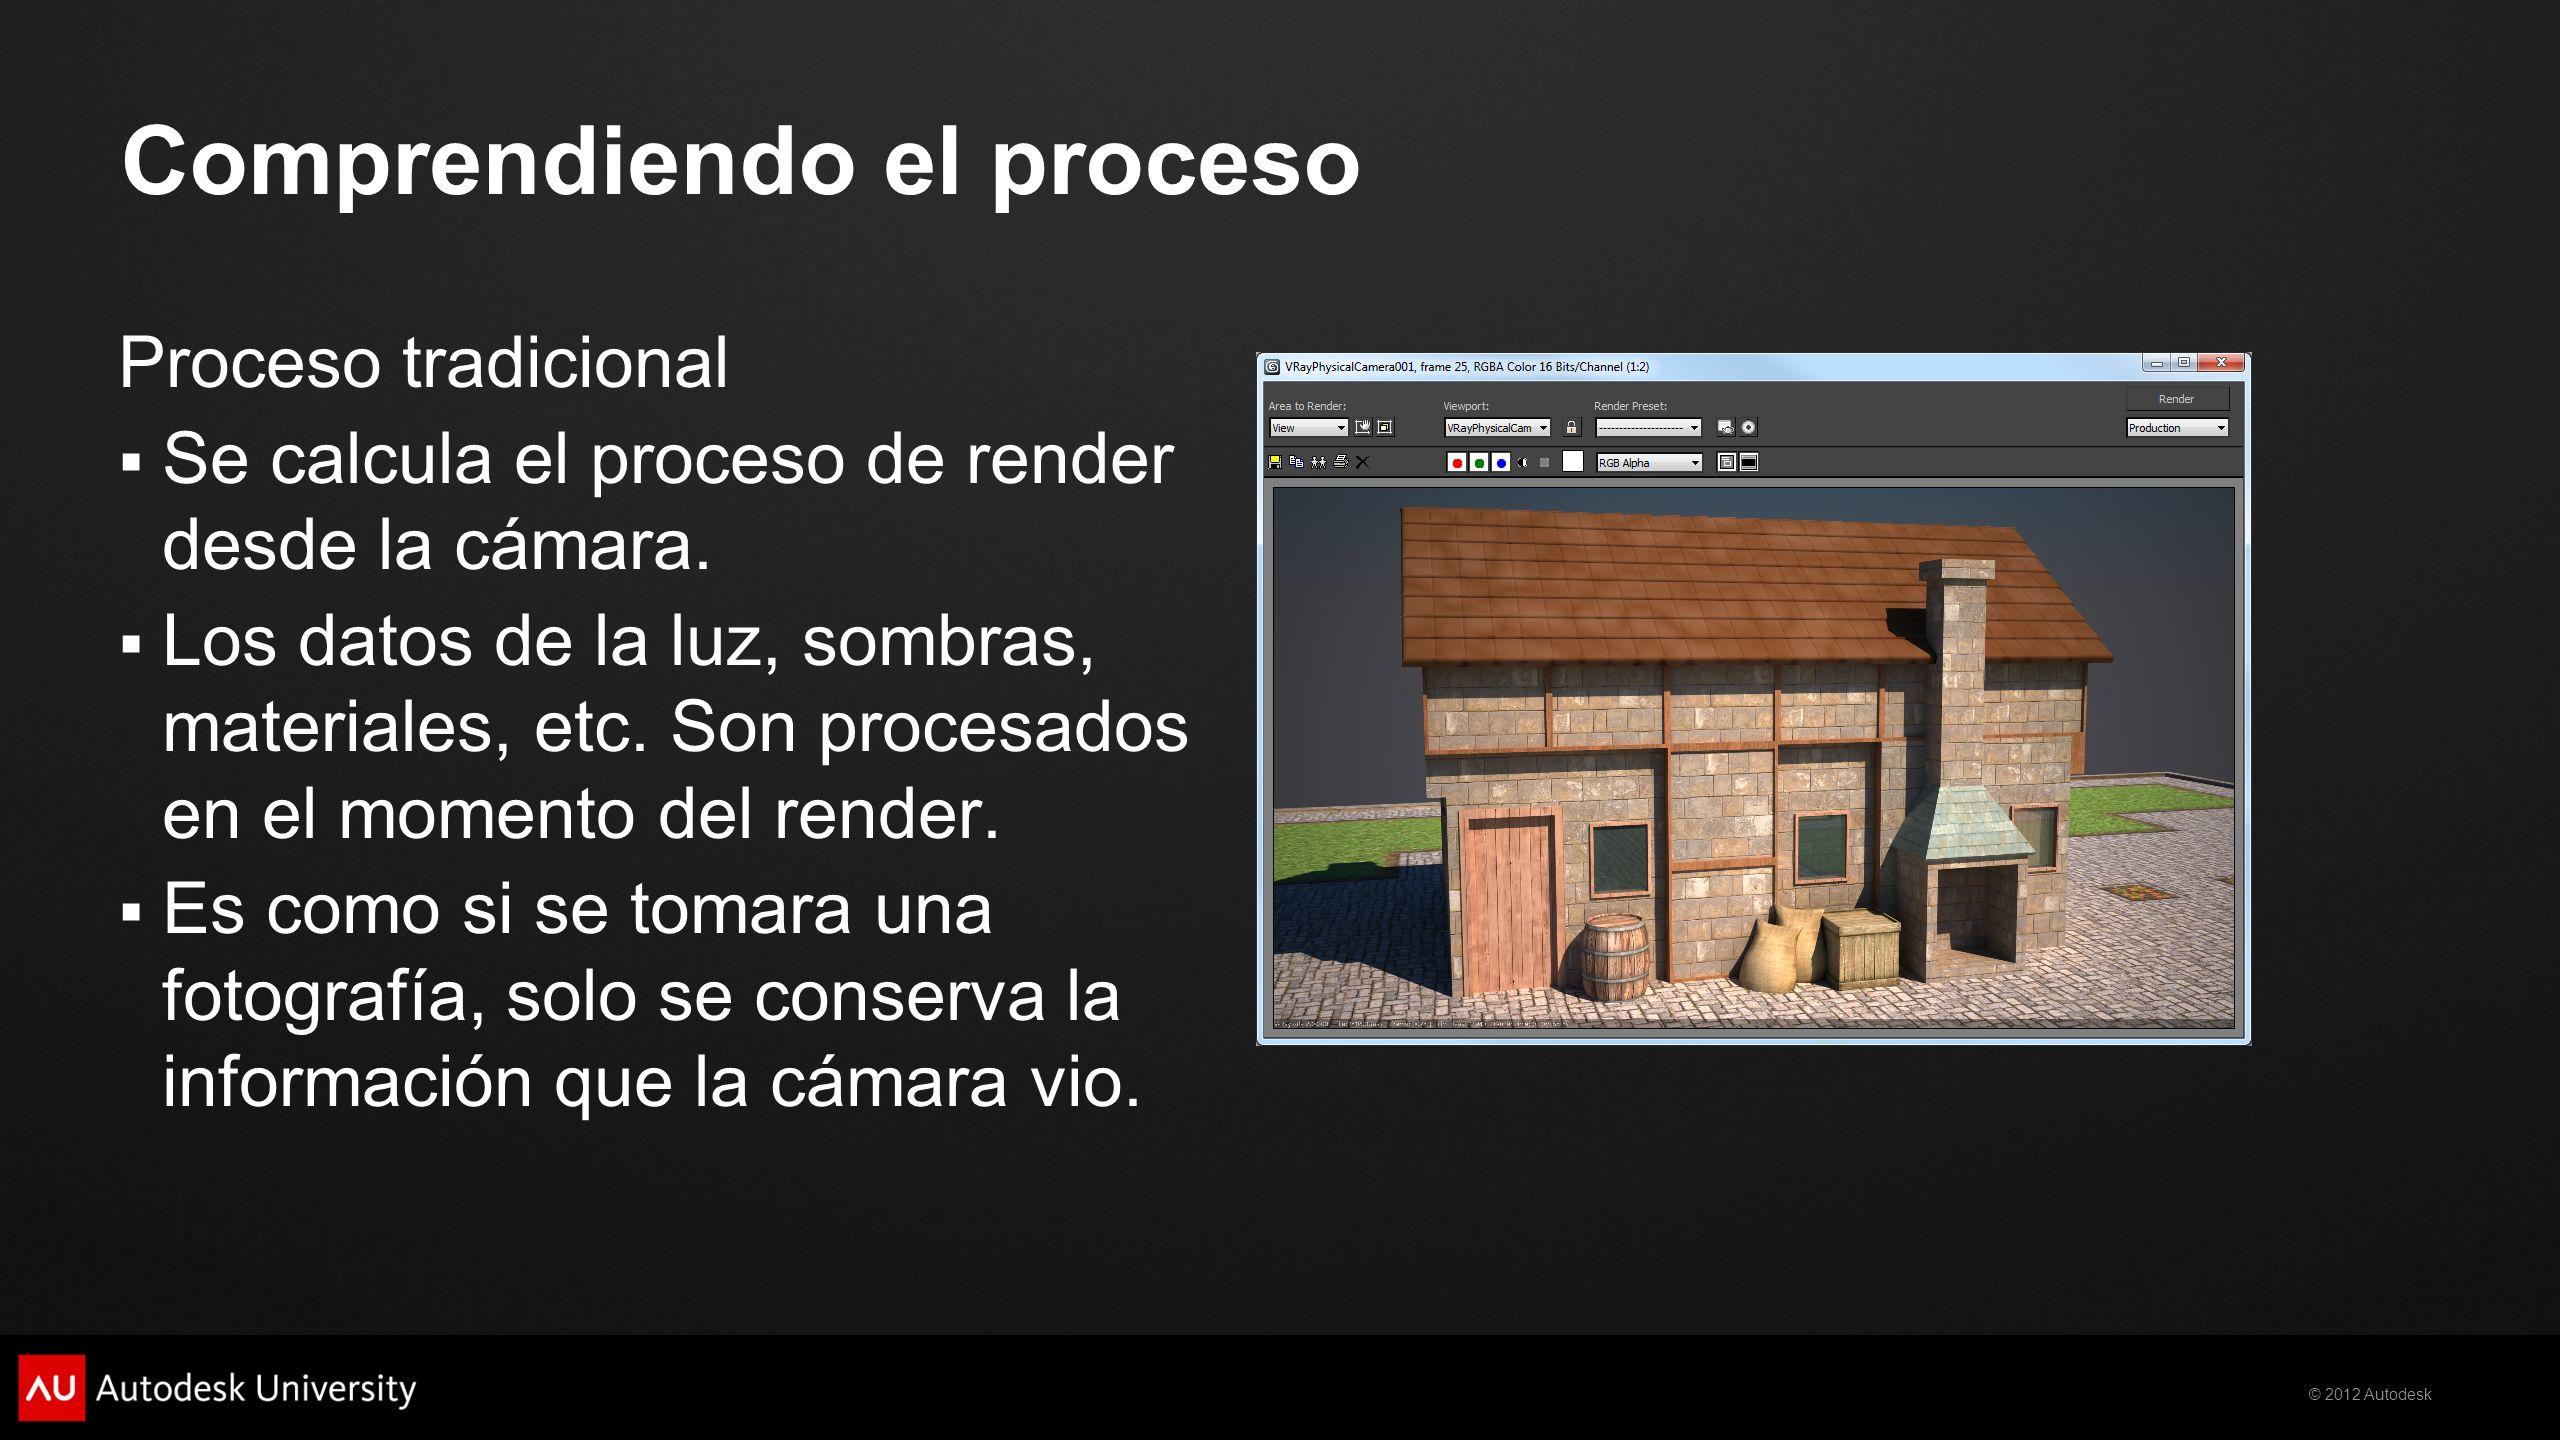 © 2012 Autodesk Comprendiendo el proceso Proceso tradicional Se calcula el proceso de render desde la cámara. Los datos de la luz, sombras, materiales